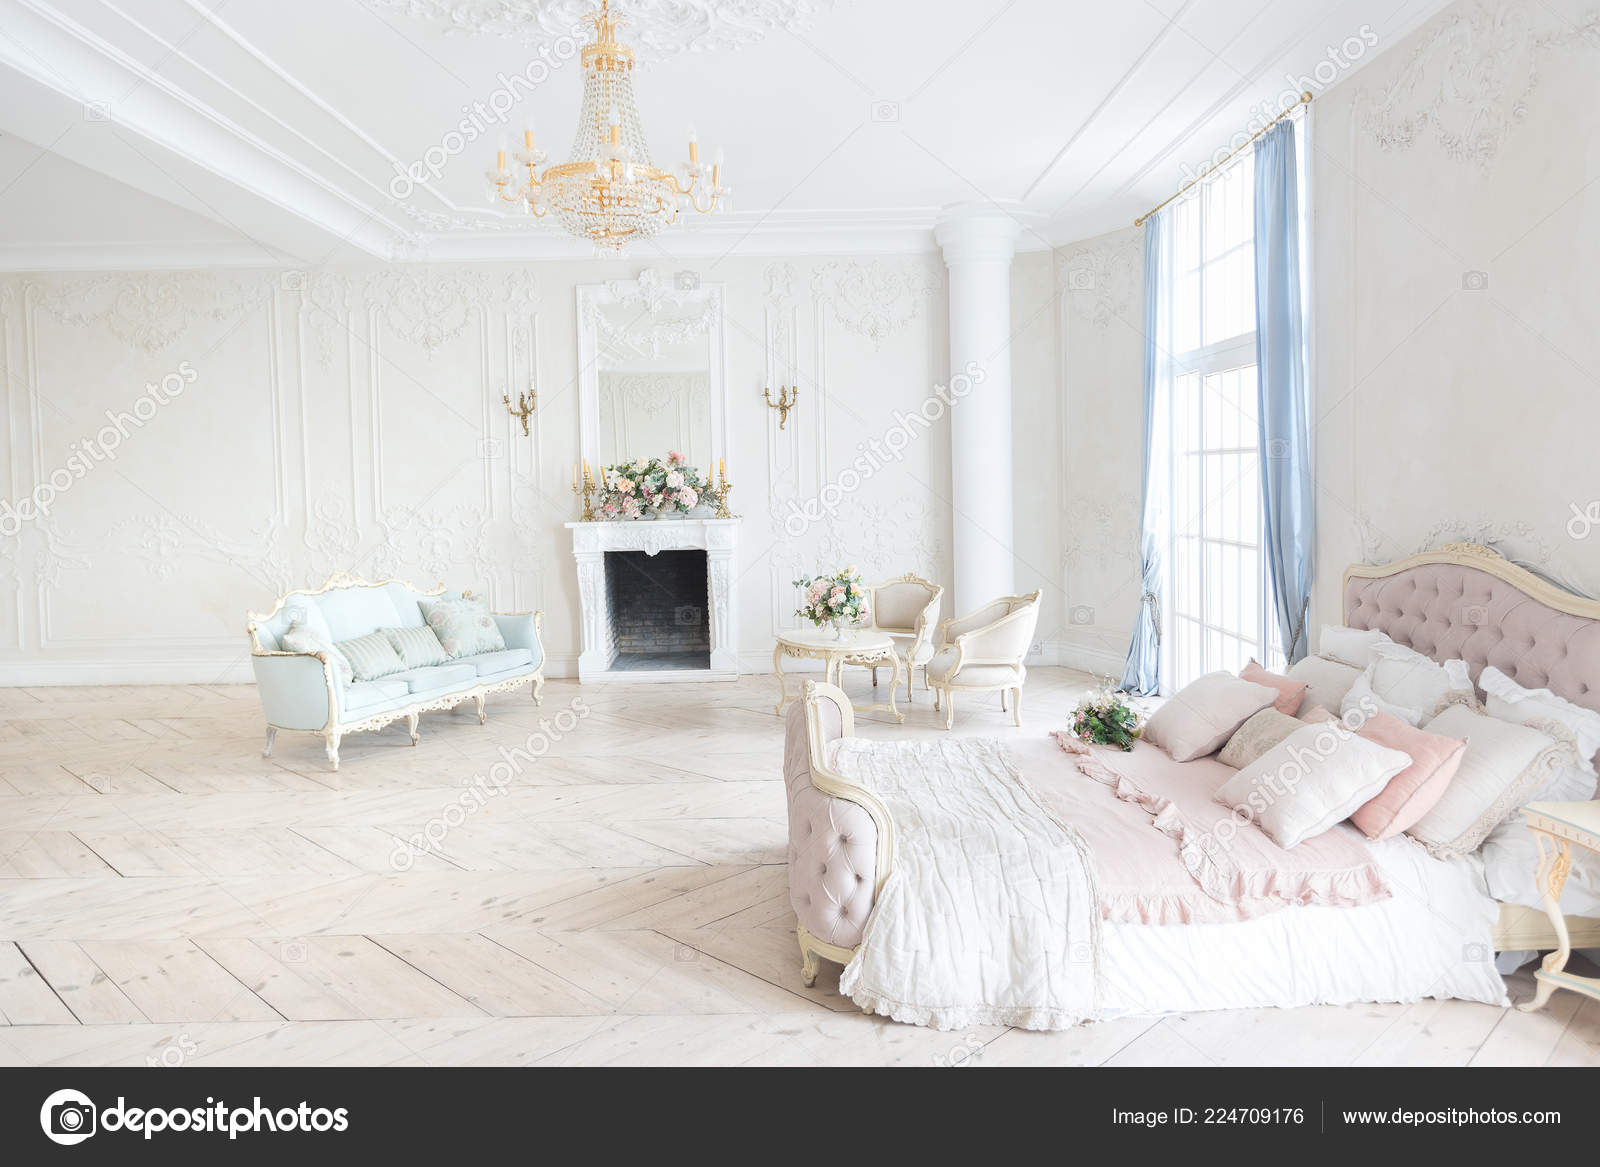 Luxury Rich Bedroom Interior Design Elegant Classic Furniture Stock Photo C Nokia Alexnet 224709176